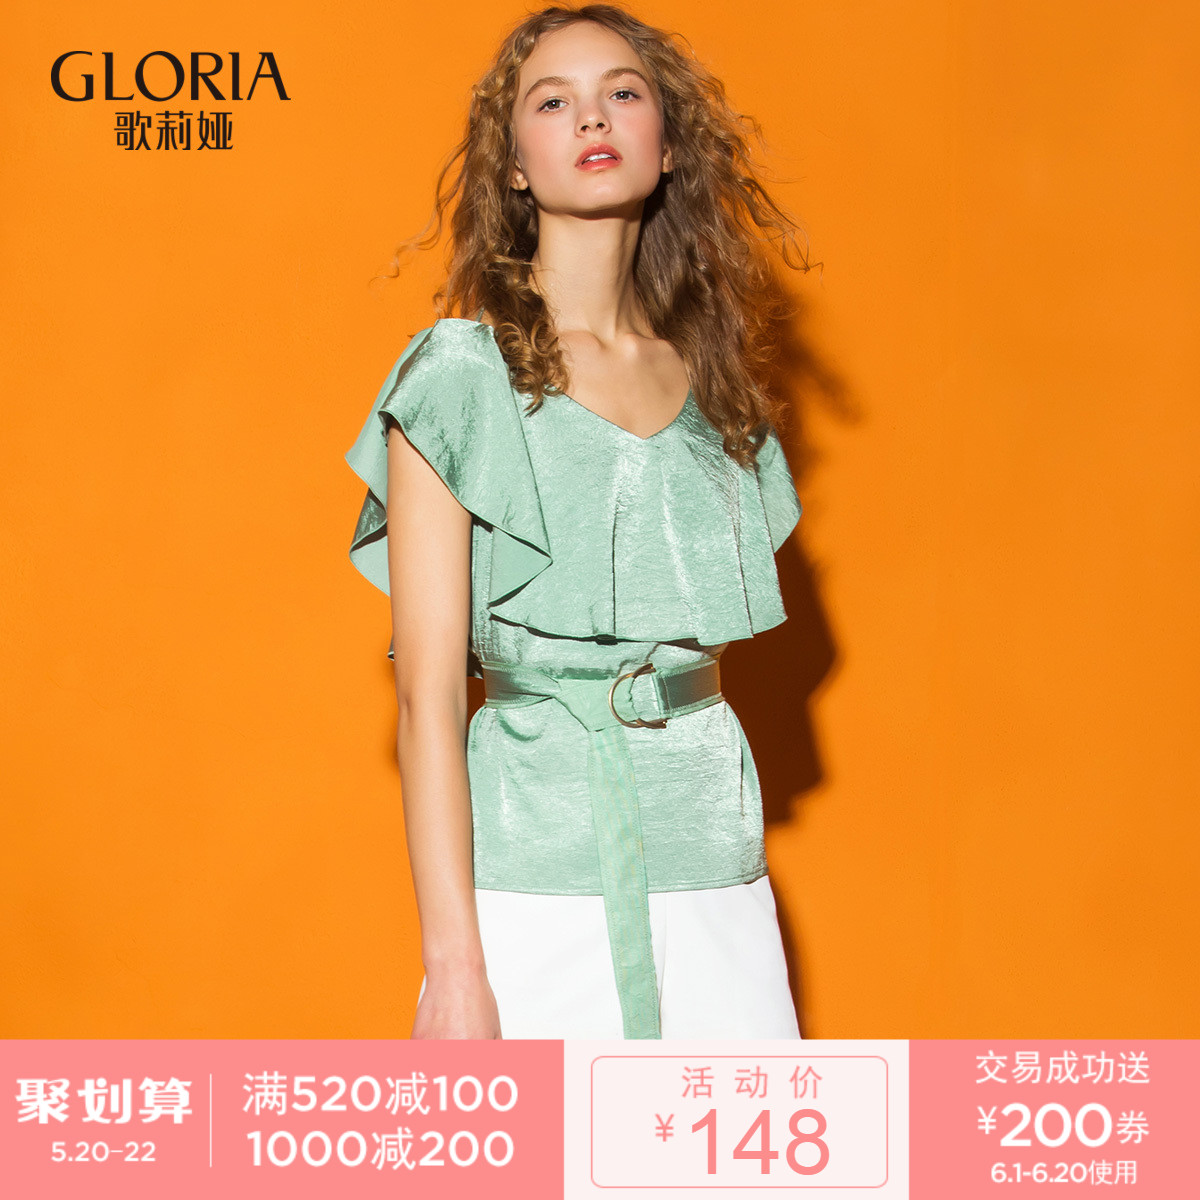 歌莉娅女装 GLORIA歌莉娅女装夏季新品荷叶边垂坠上衣175C3C020_推荐淘宝好看的歌莉娅